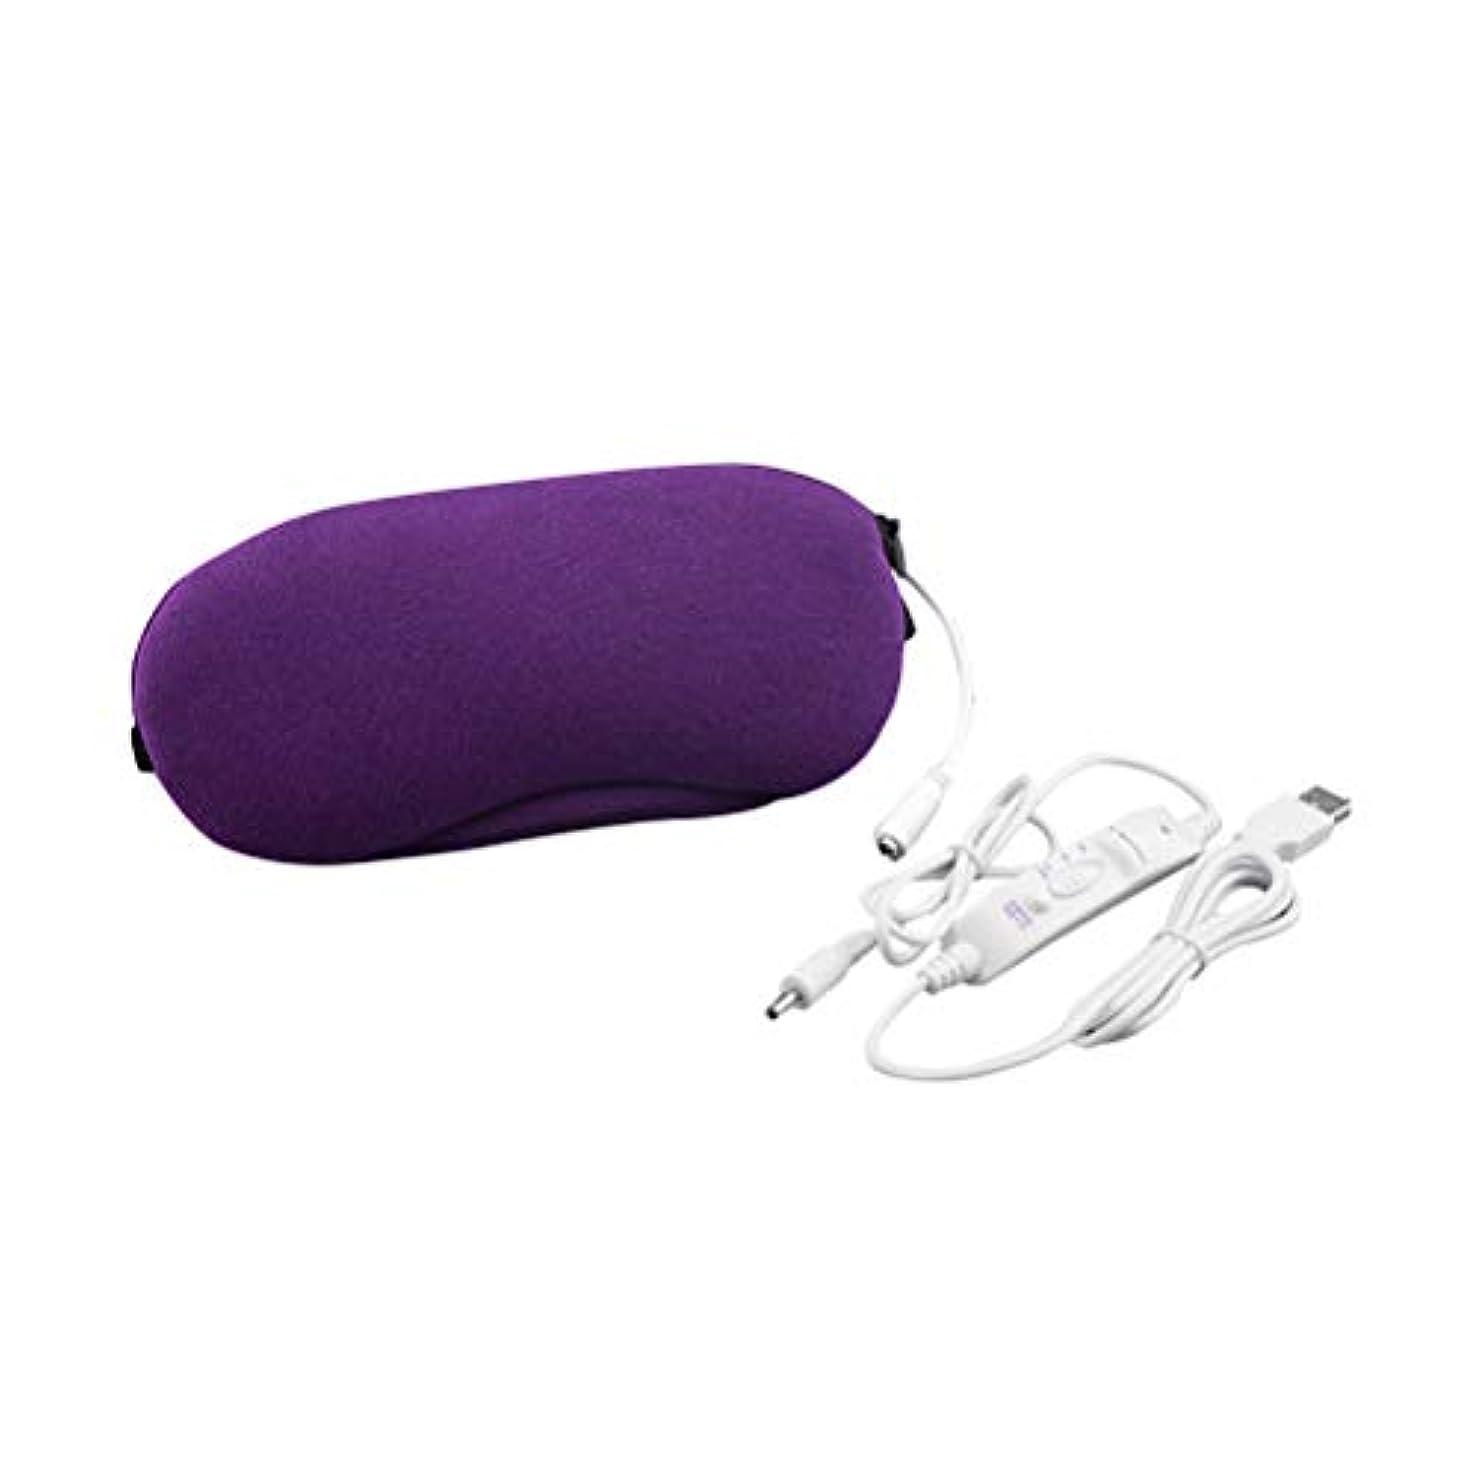 石灰岩発明住居Healifty アイマスク 蒸気ホットアイマスク USB 加熱式 スリーピングアイマスク 温度とタイミング制御 吹き出物/乾燥/疲れた目(紫)